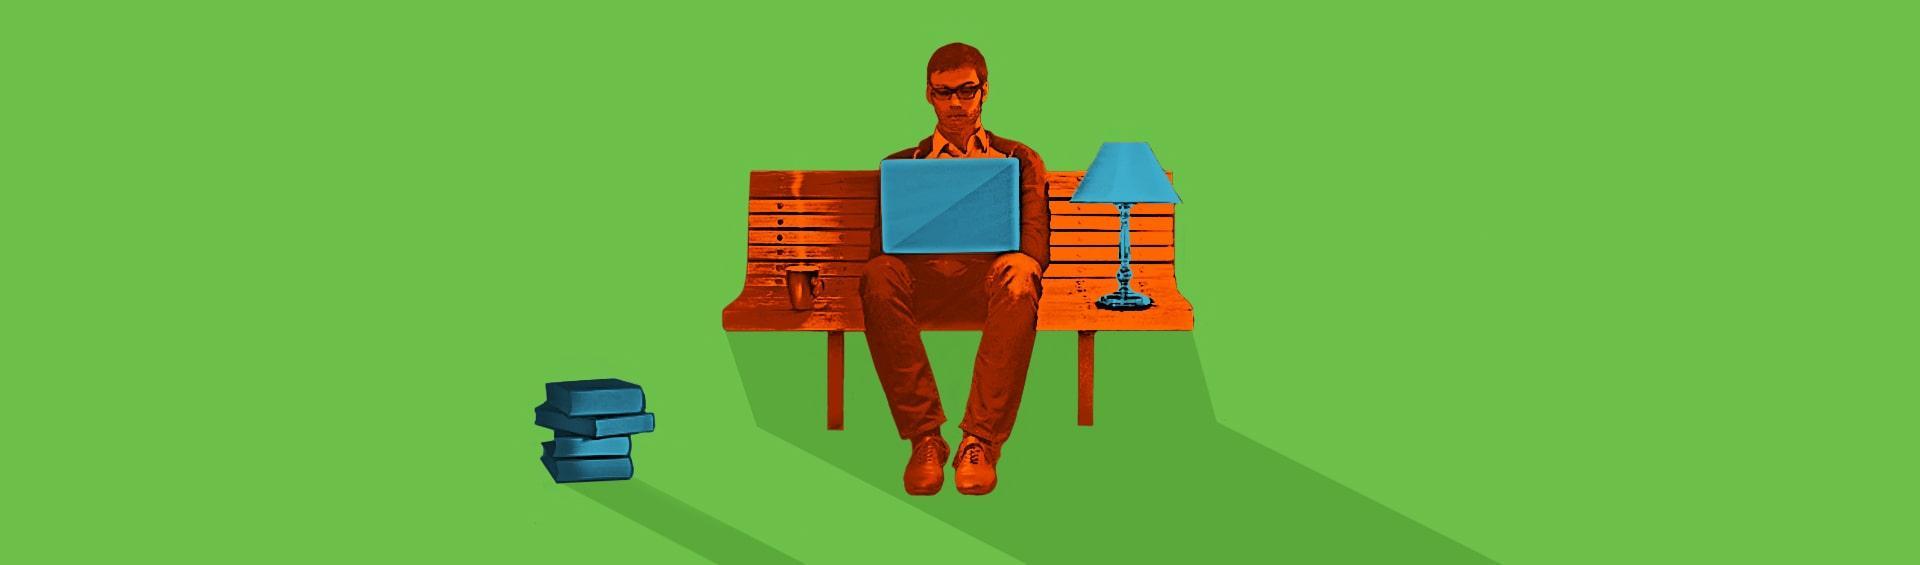 Как написать работающий текст для email-рассылки: детальный чек-лист. Часть 1